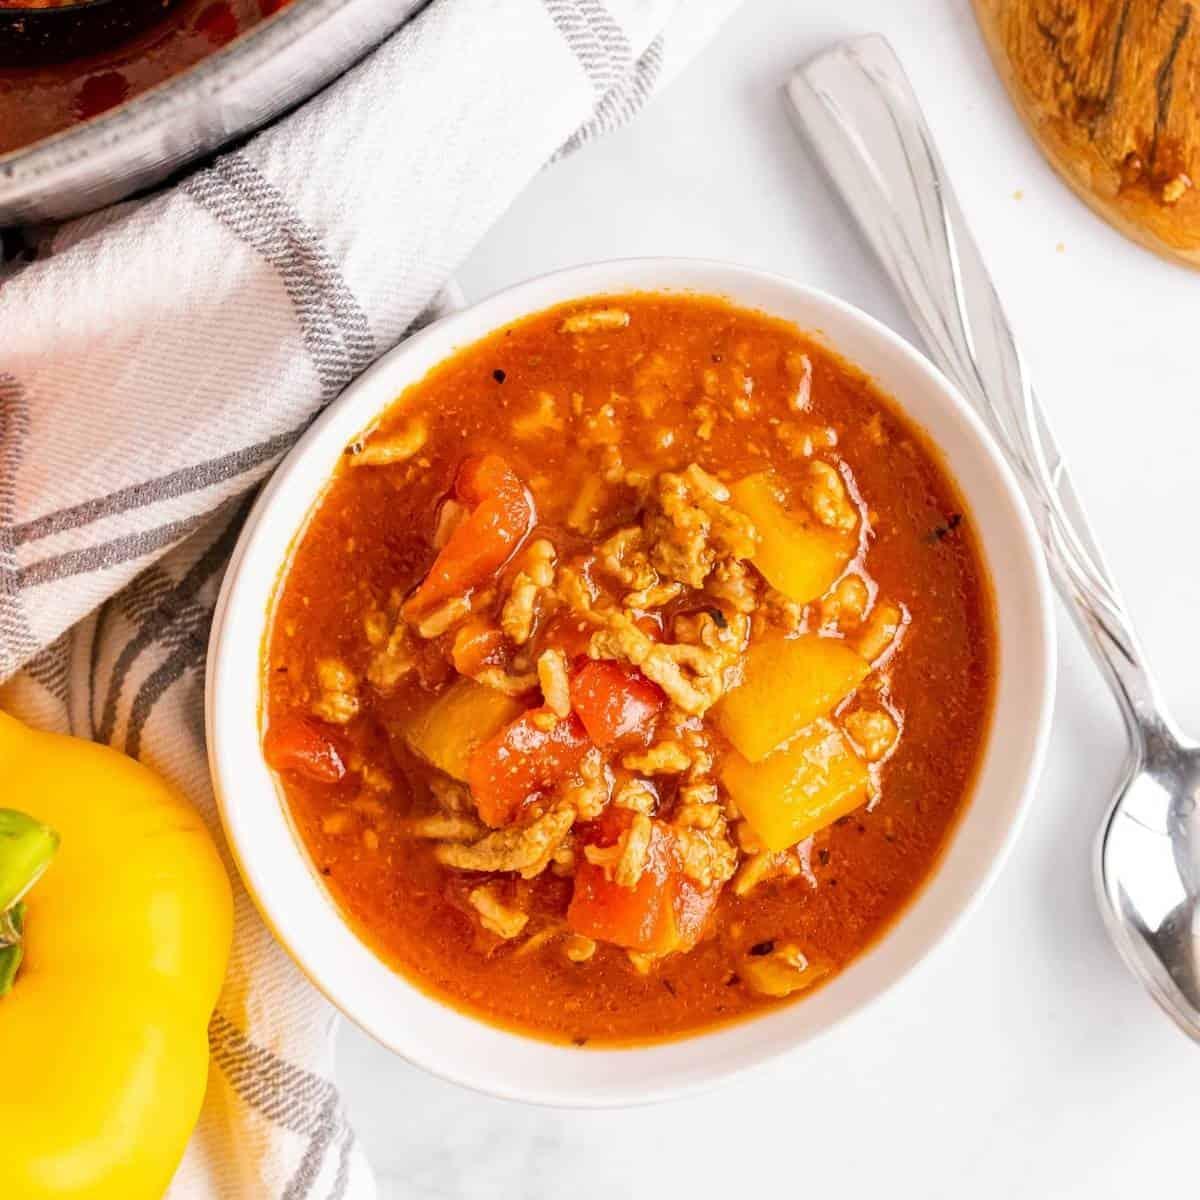 healthy stuffed pepper soup recipe